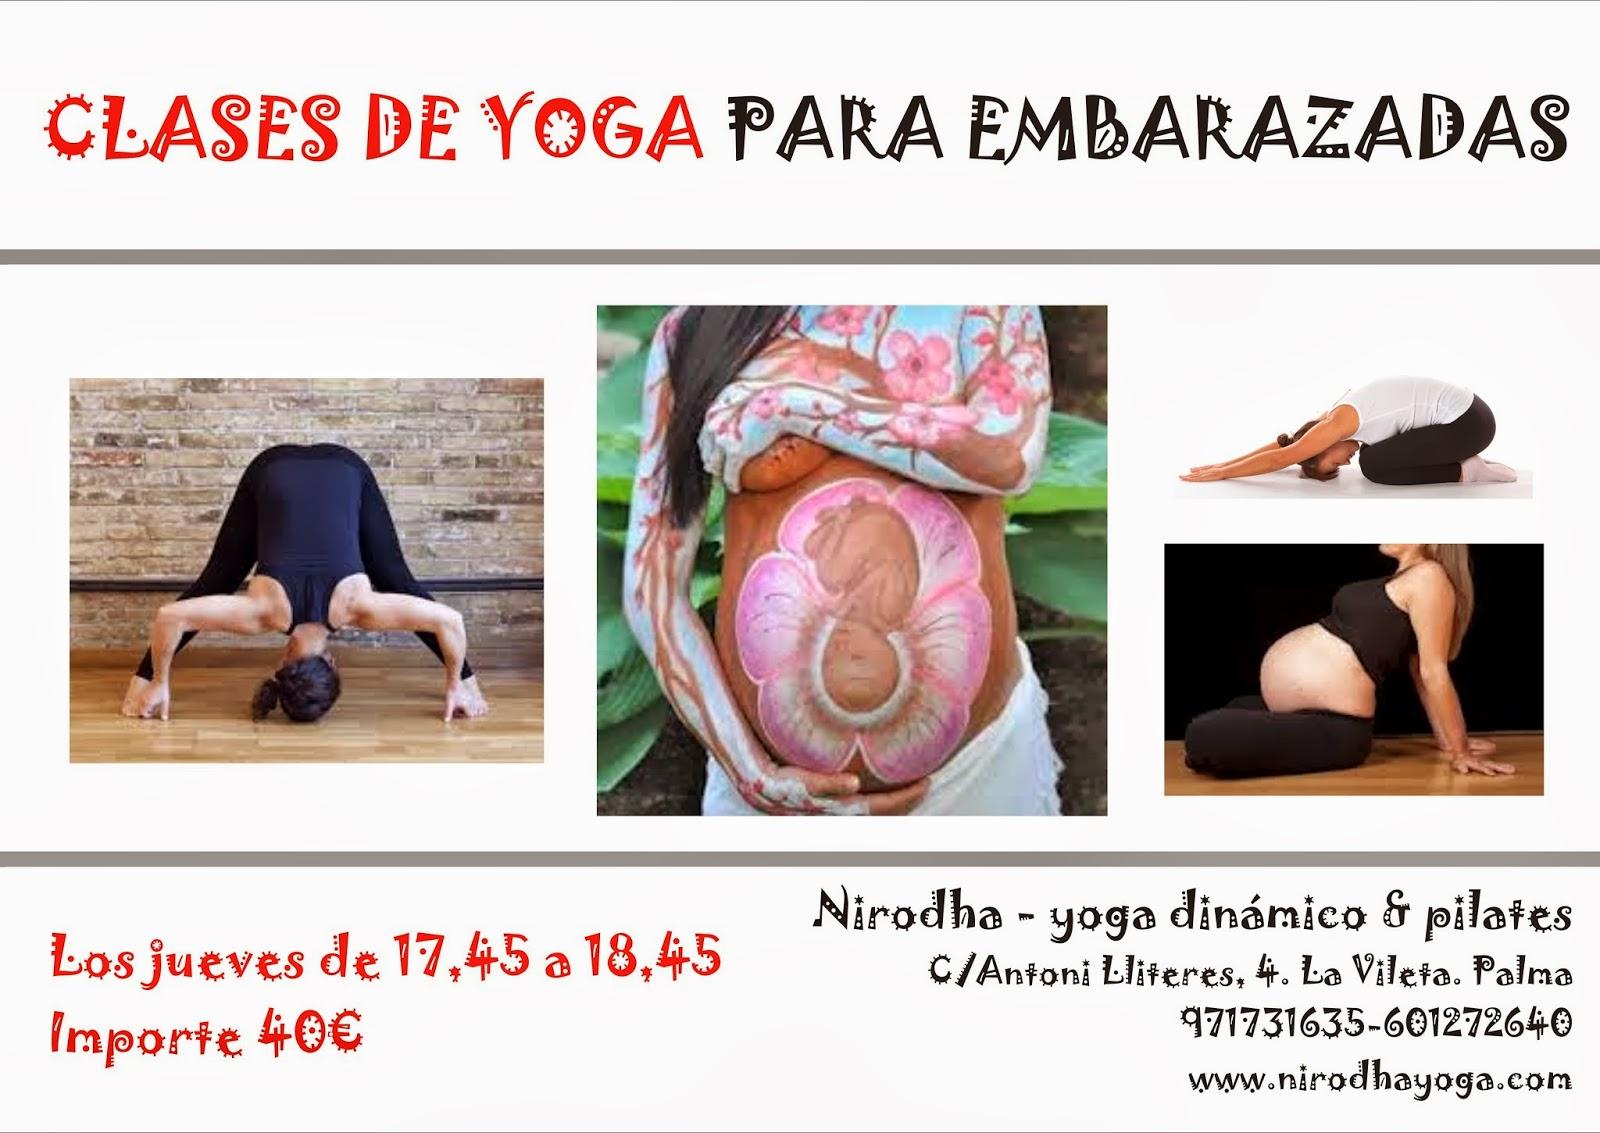 Nirodha yoga y pilates yoga para embarazadas inicio noviembre - Clases de yoga en casa ...